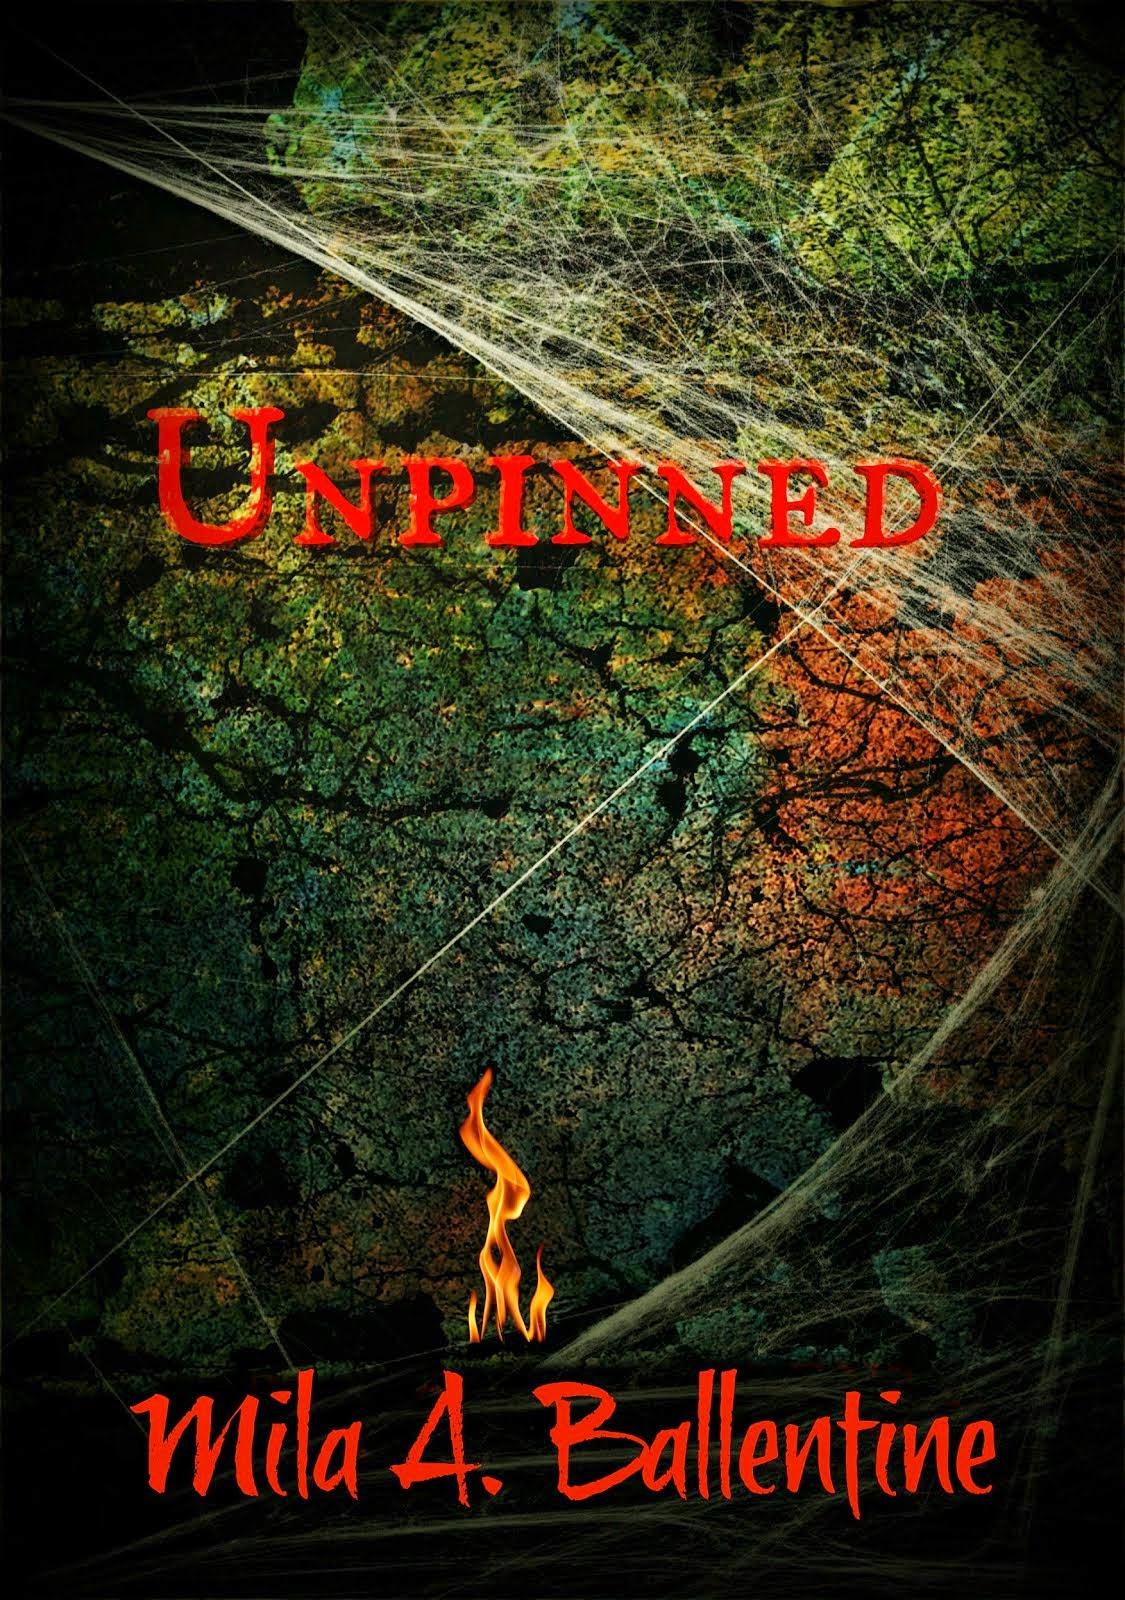 Unpinned